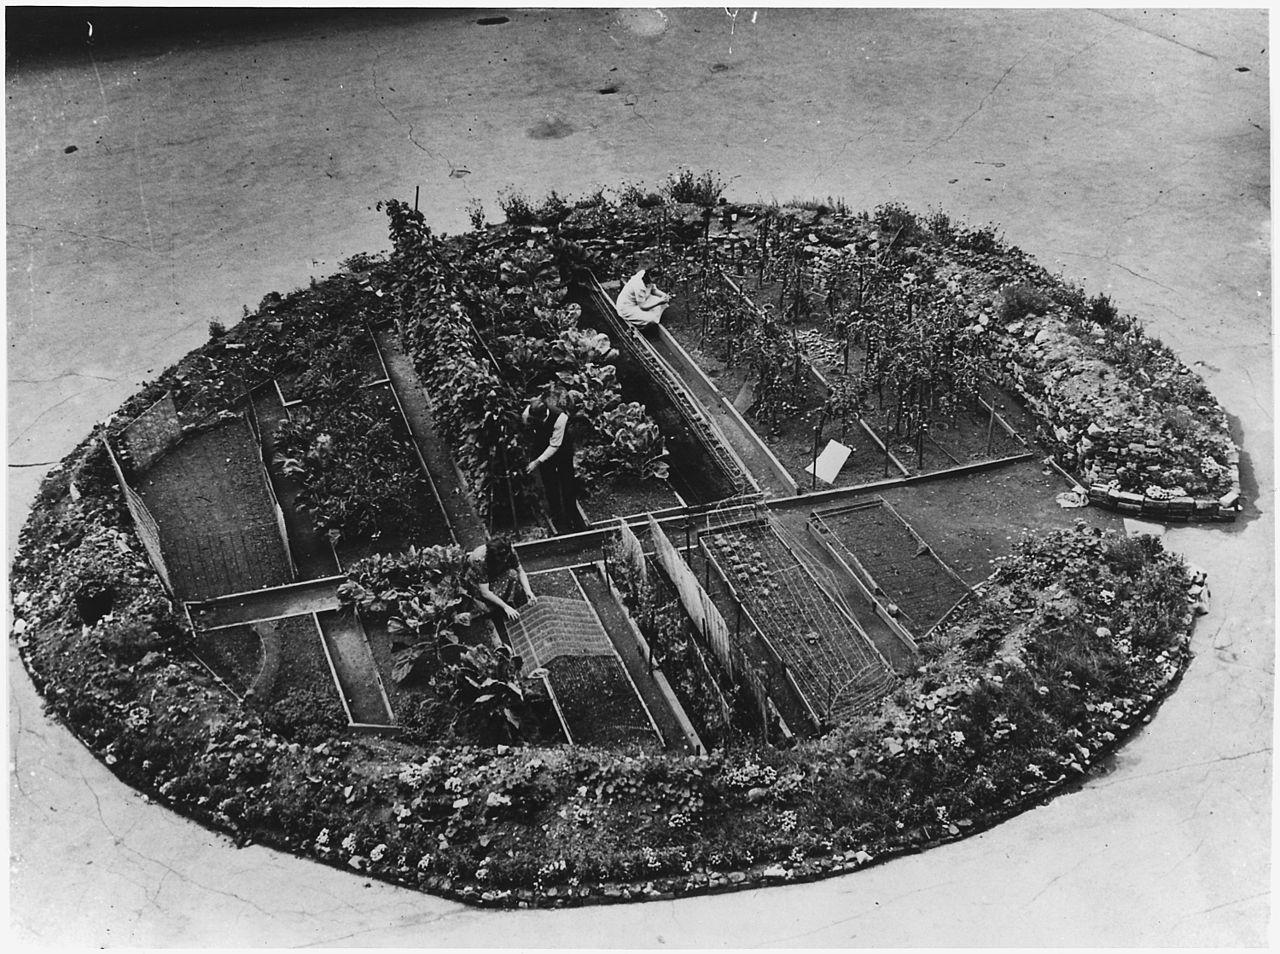 Groentetuin in een bomkrater mdden in Londen tijdens de 2e wereldoorlog